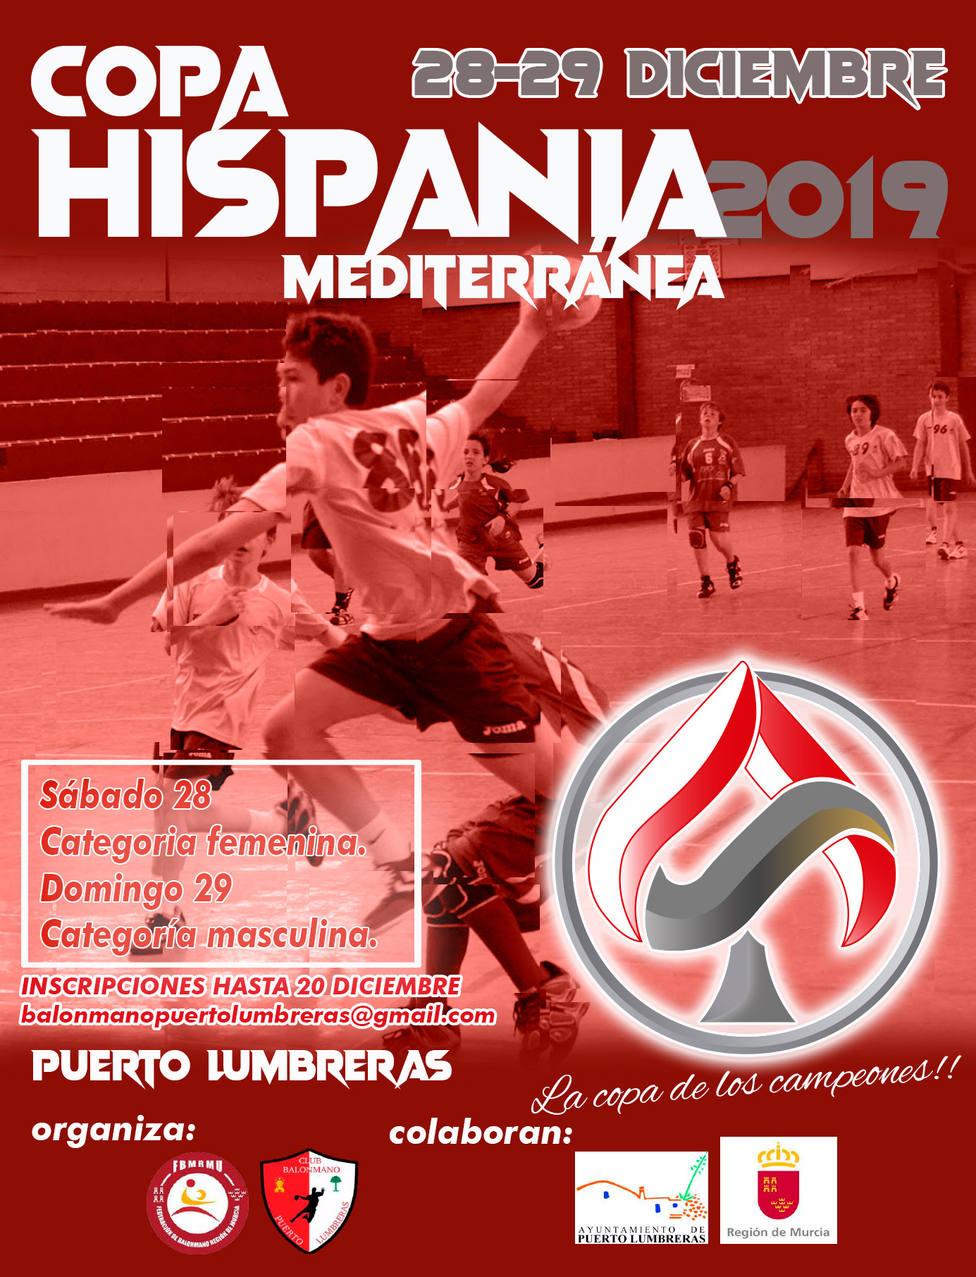 CB Puerto Lumbreras vuelve a organizar la Copa Hispania Mediterránea